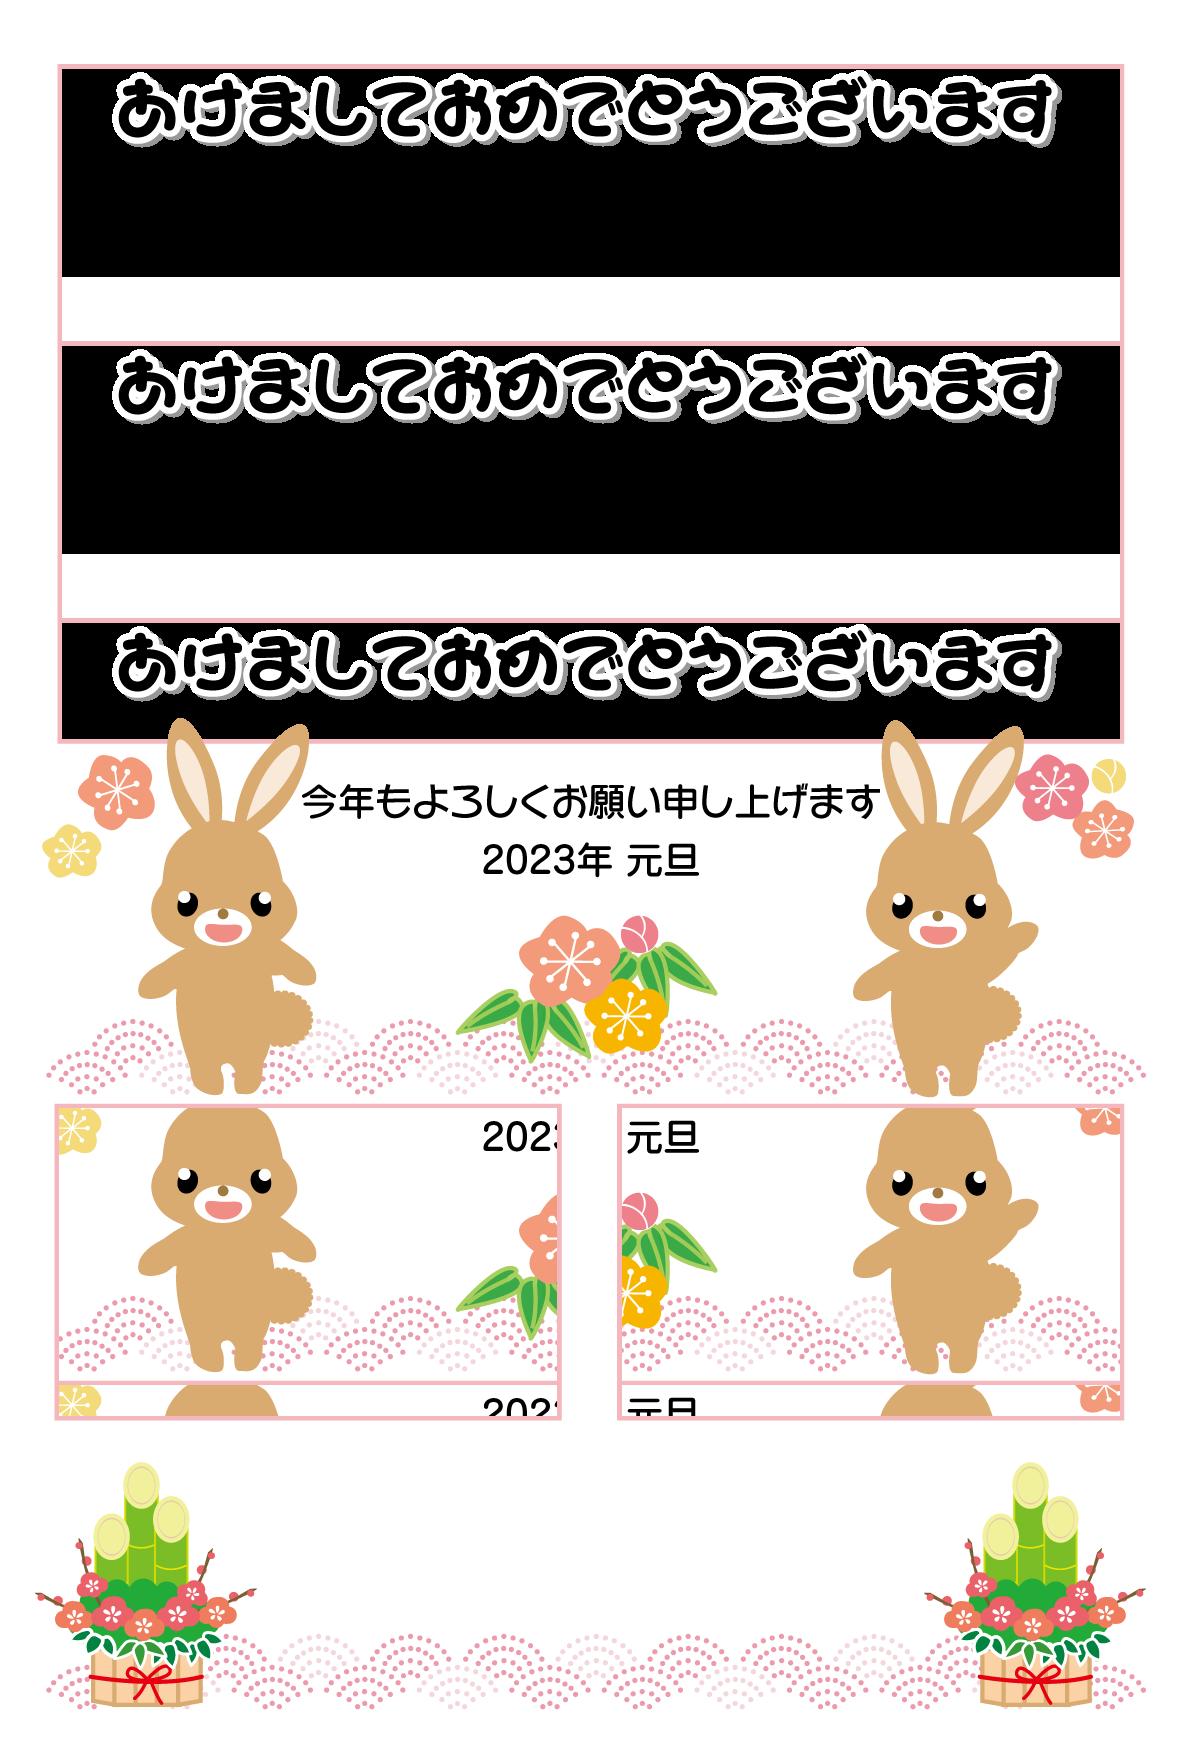 年賀状無料素材 干支の写真フレーム年賀状 フレームテンプレート【門松